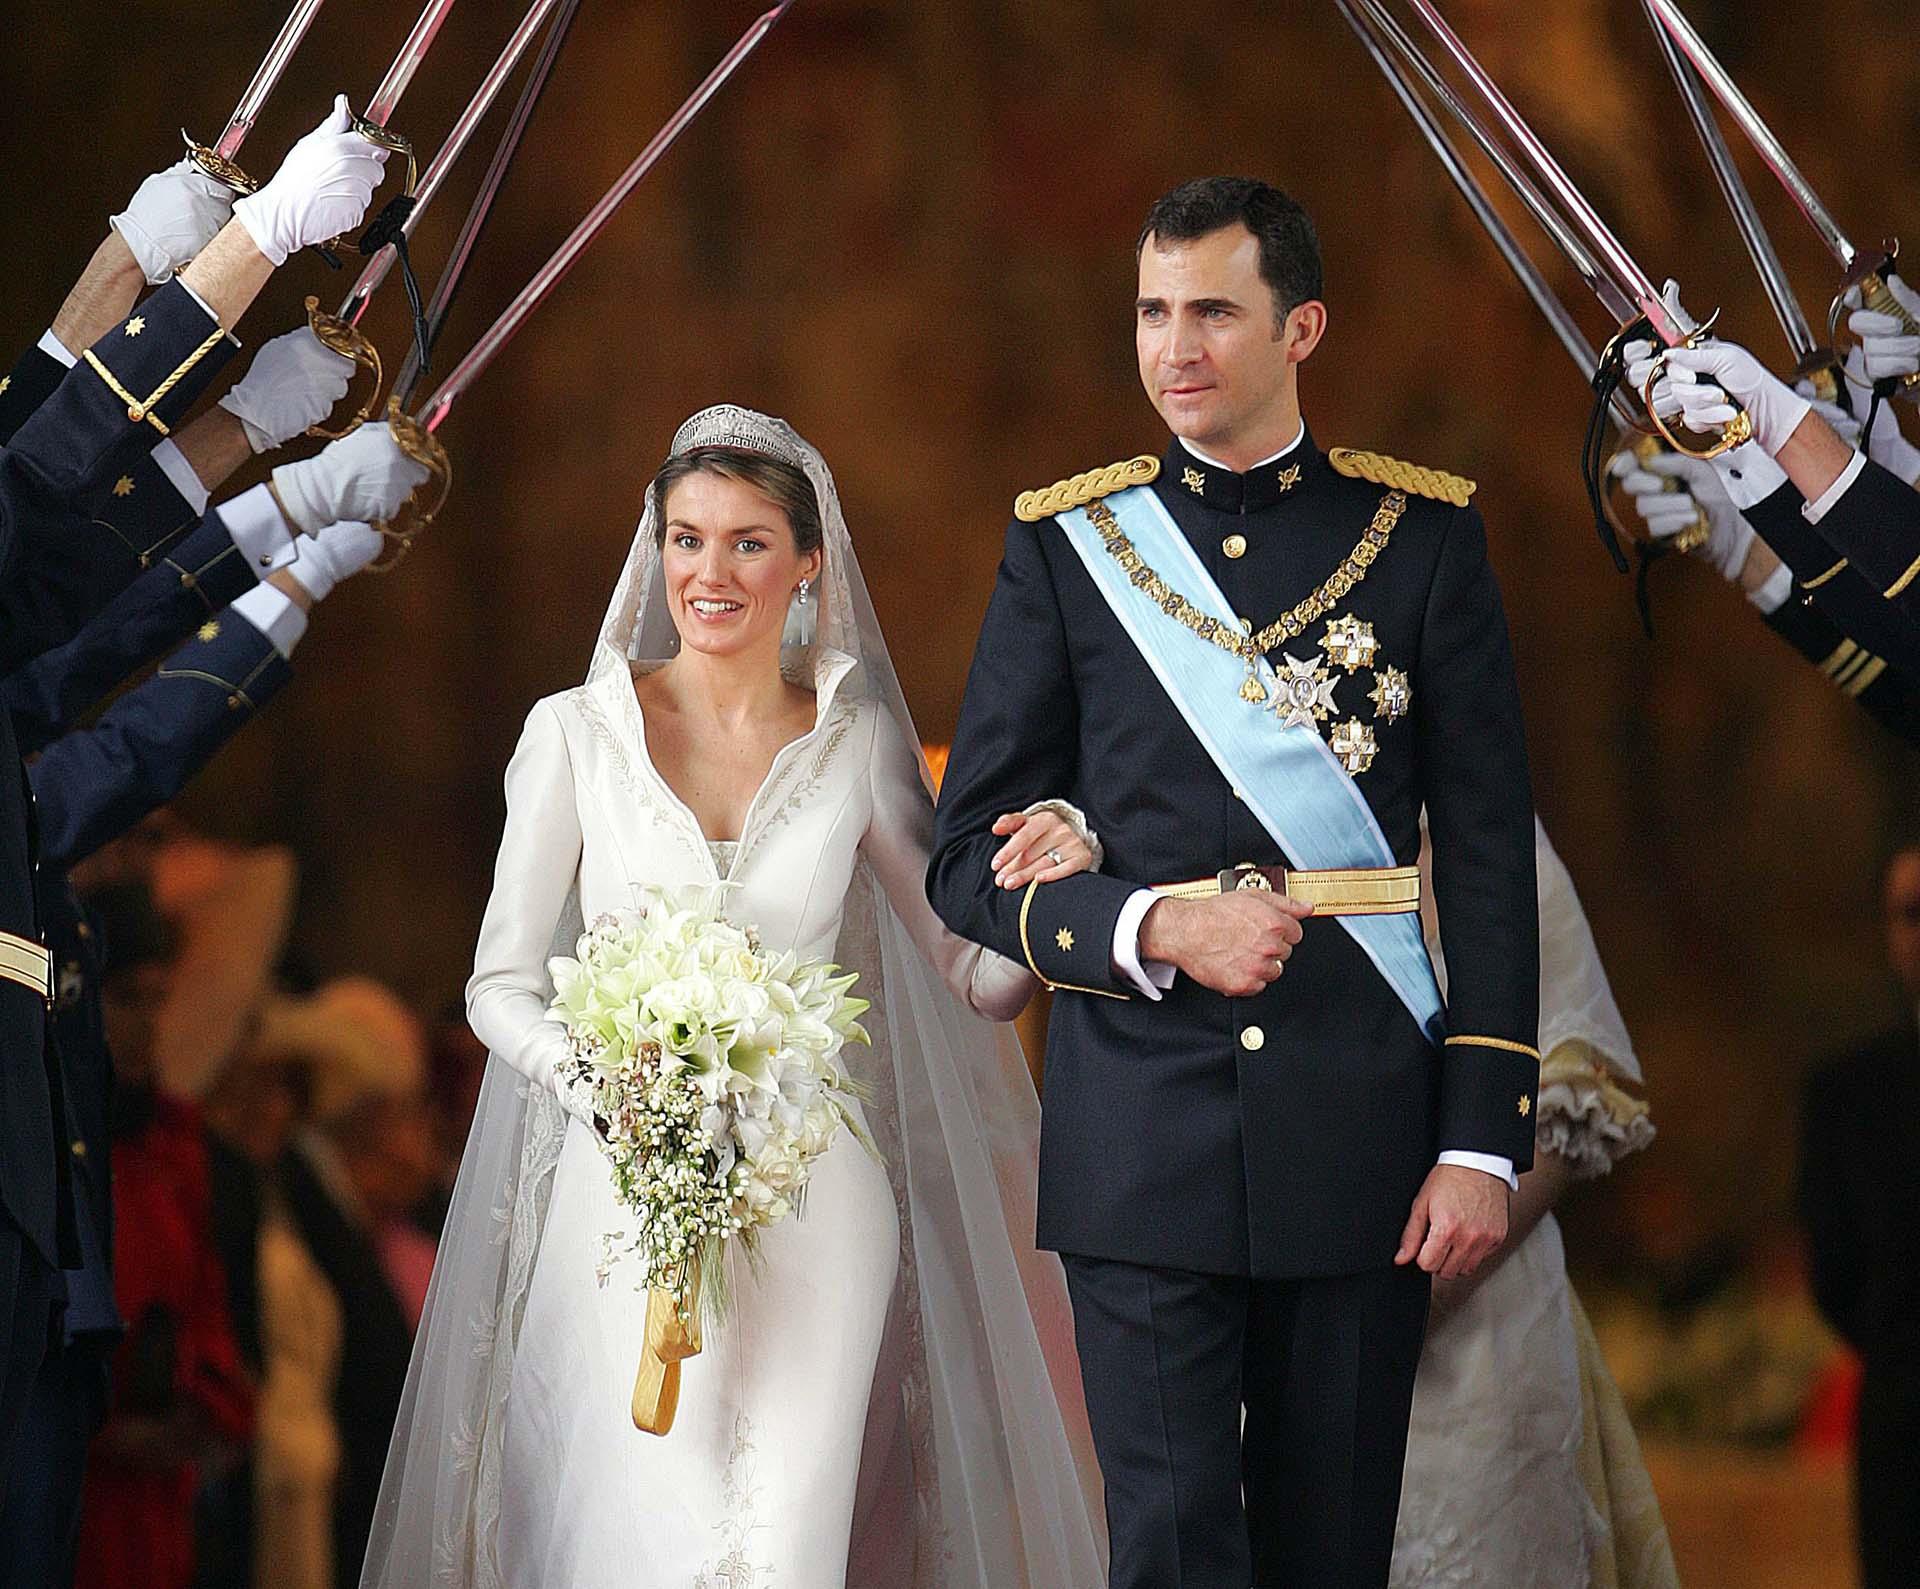 El ramo, complemento representativo de toda novia, estaba compuesto por lirios, rosas, flor de azahar, flor de manzano y espigas de trigo.